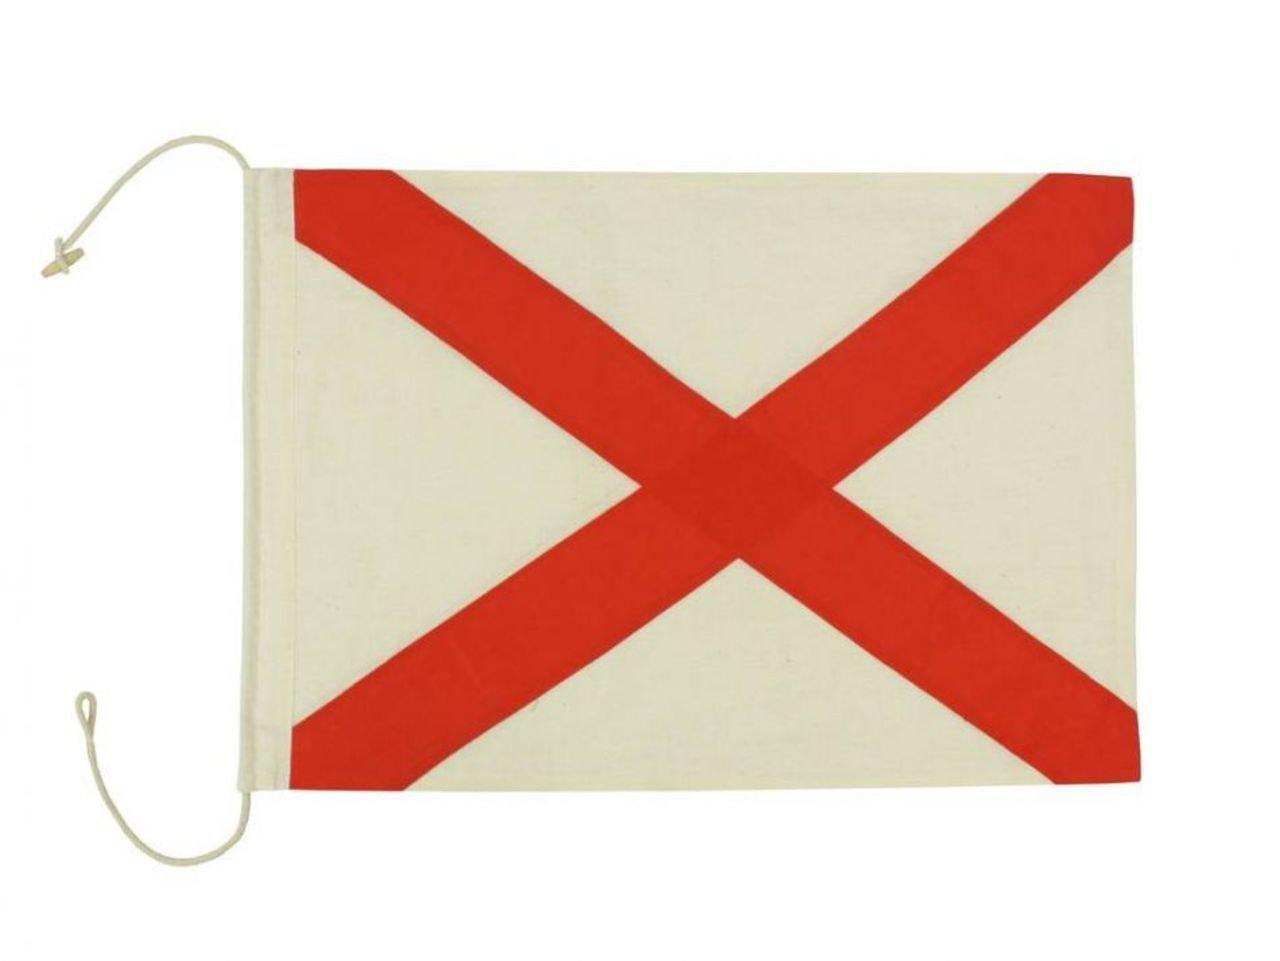 Hampton Nautical  Letter V Nautical Cloth Alphabet Flag, Decor, Home Decoration, Wall Art Tool, 20''